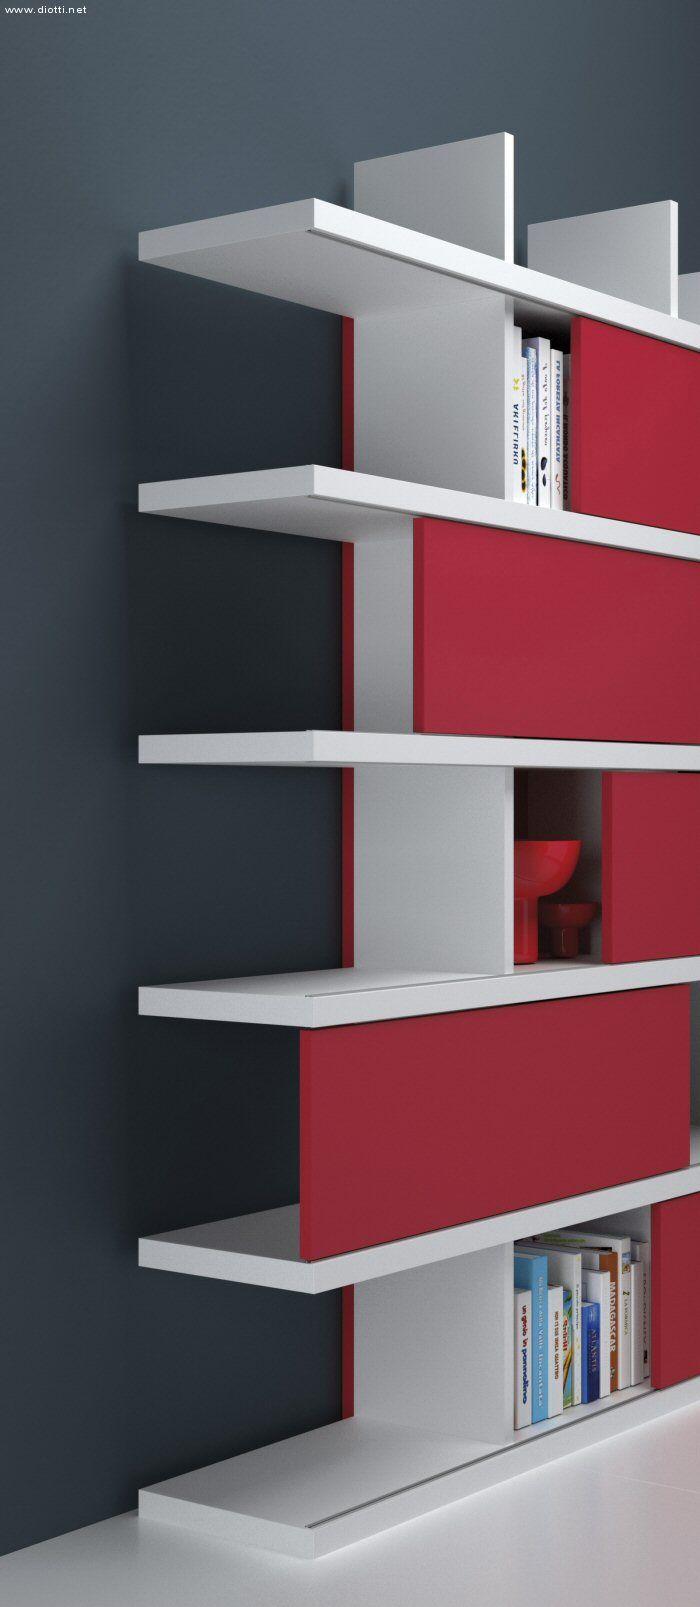 Ecco il particolare costruttivo della libreria con il ...